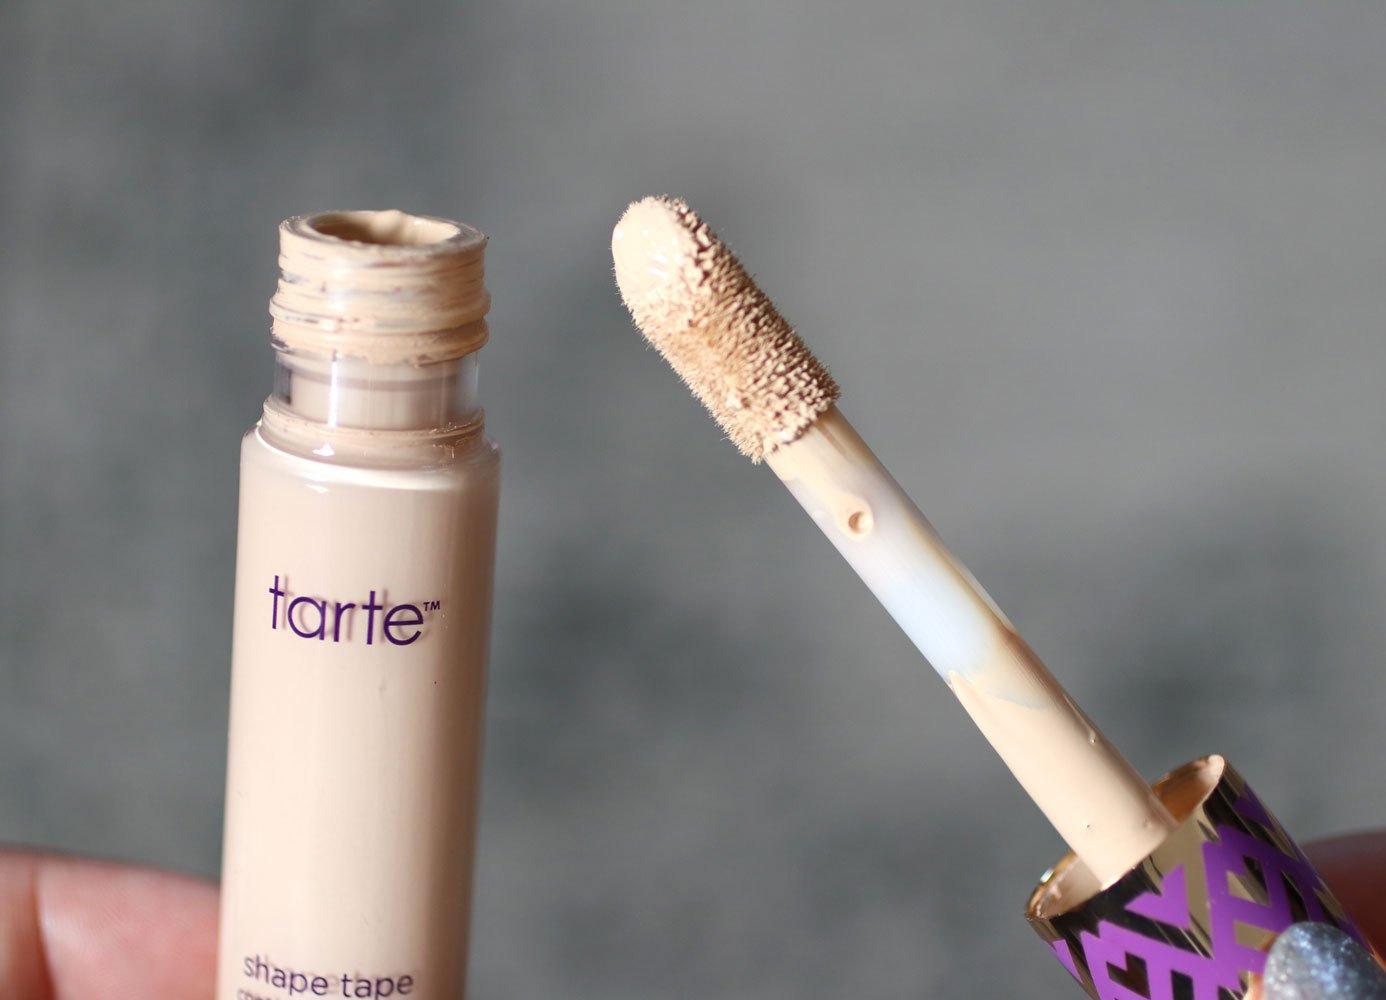 Tarte Shape Tape concealer review